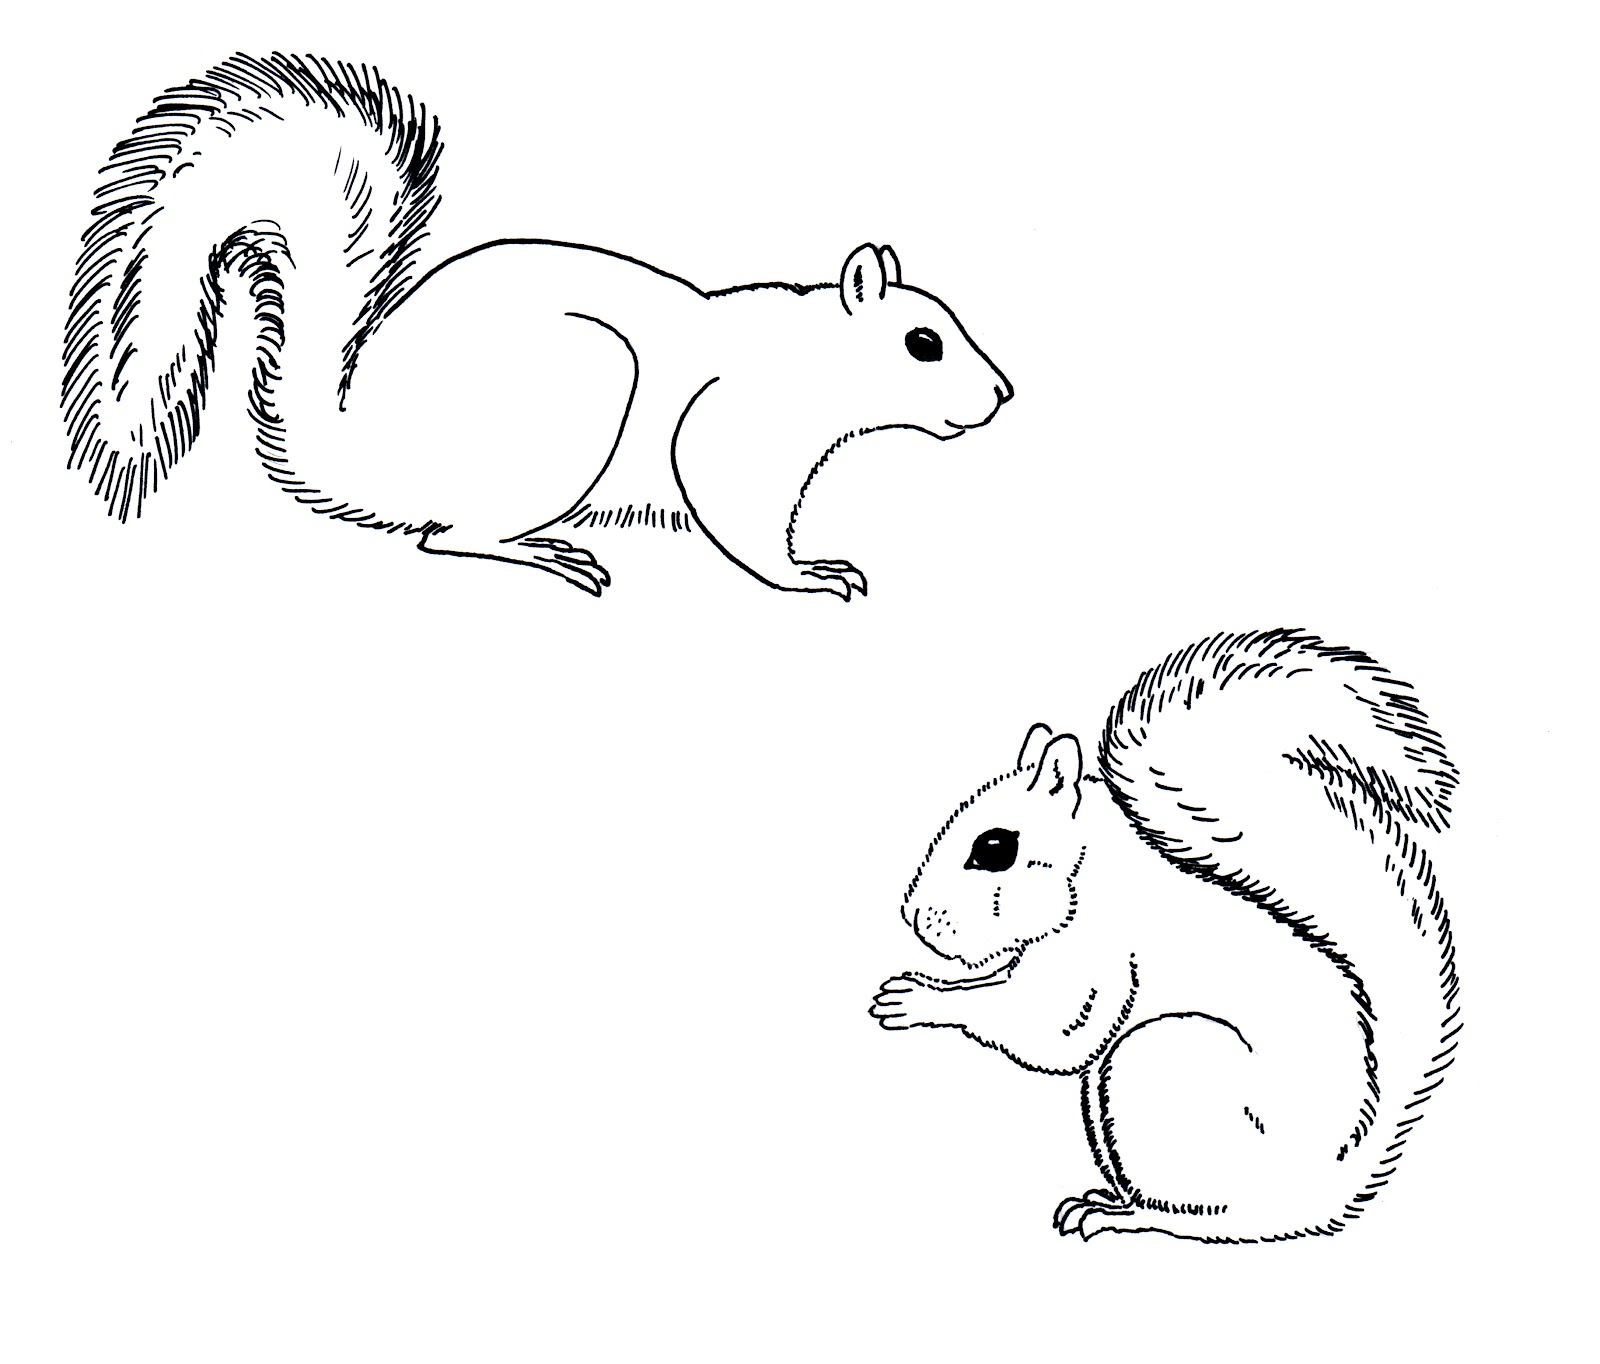 Drawn squirrel hand drawn Grey Does Squirrels Chuck Does